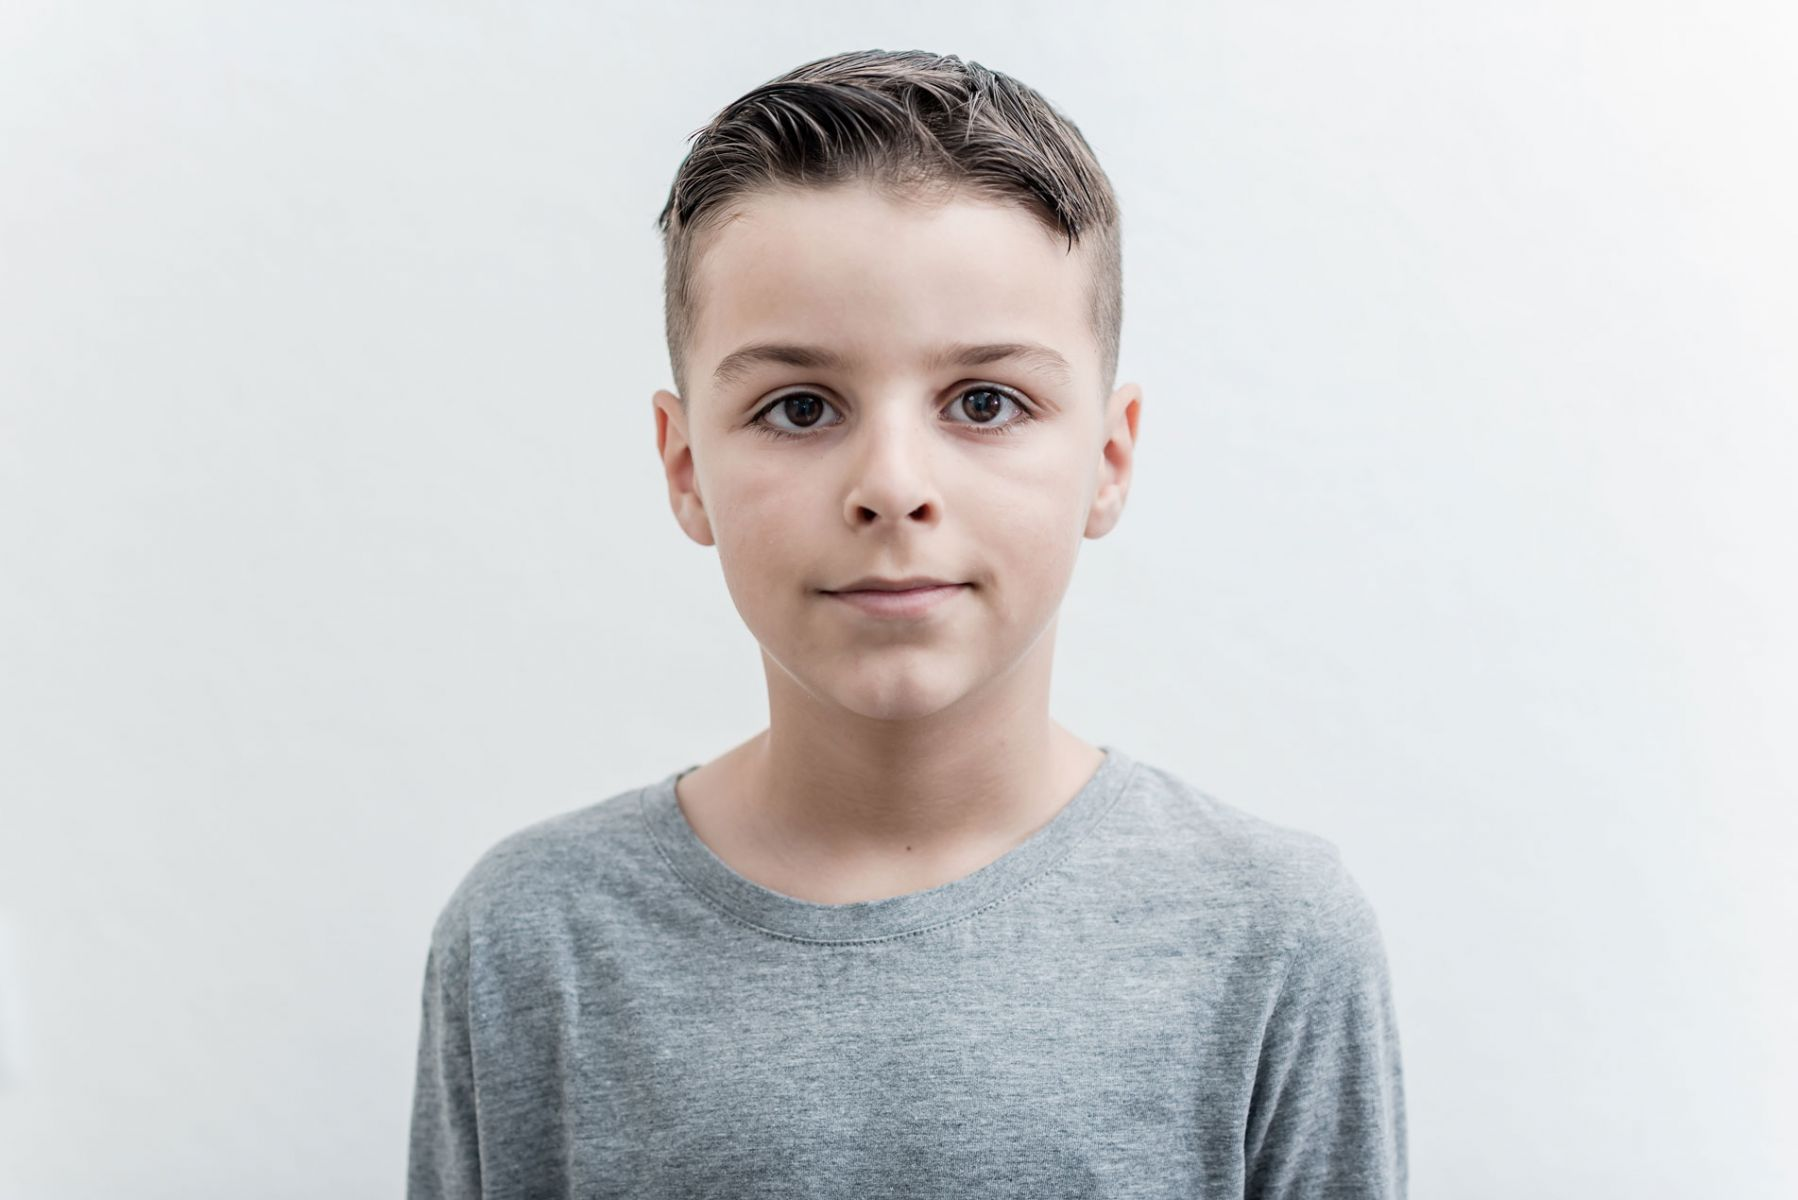 來自十歲小男孩的告白:我長大要當一個好爸爸